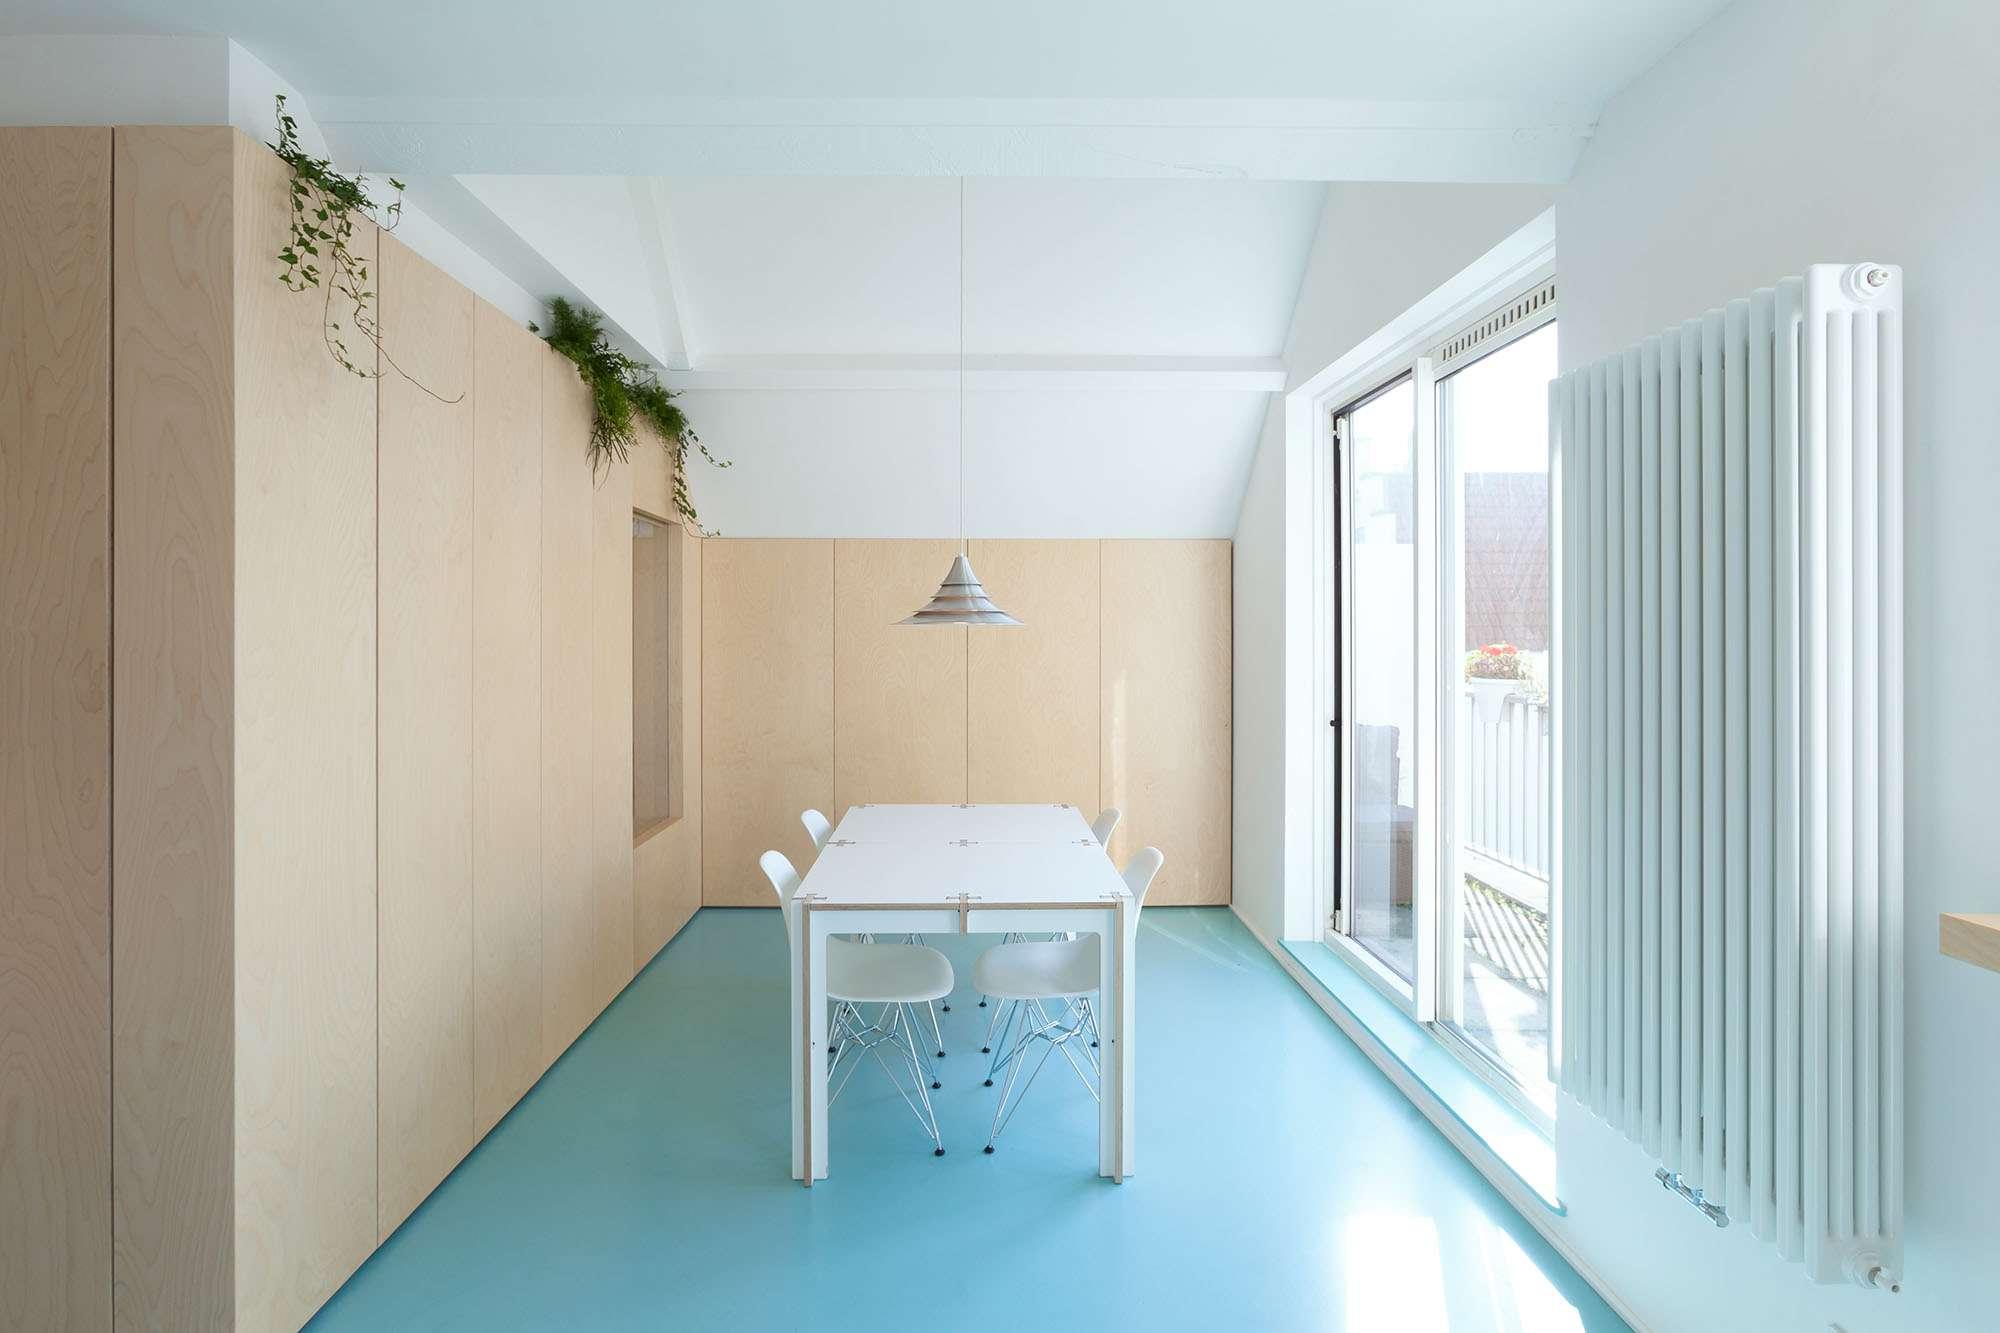 Amsterdam Urban Loft by Bureau Fraai dining room